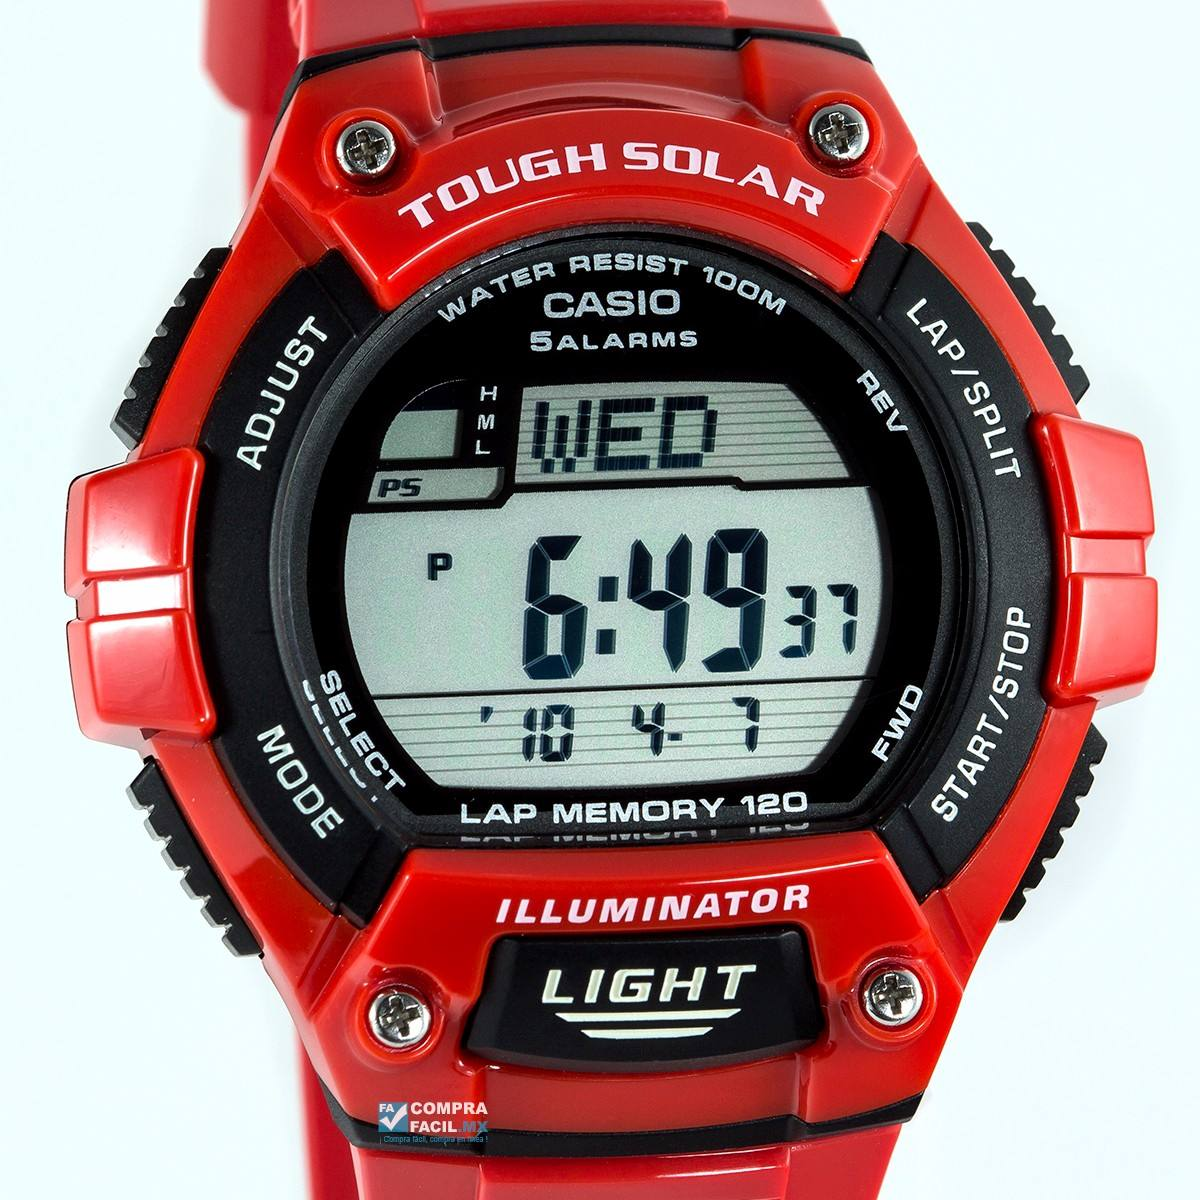 5b3def2d0cec reloj casio ws220 rojo - 120 memorias - solar - cfmx. Cargando zoom.